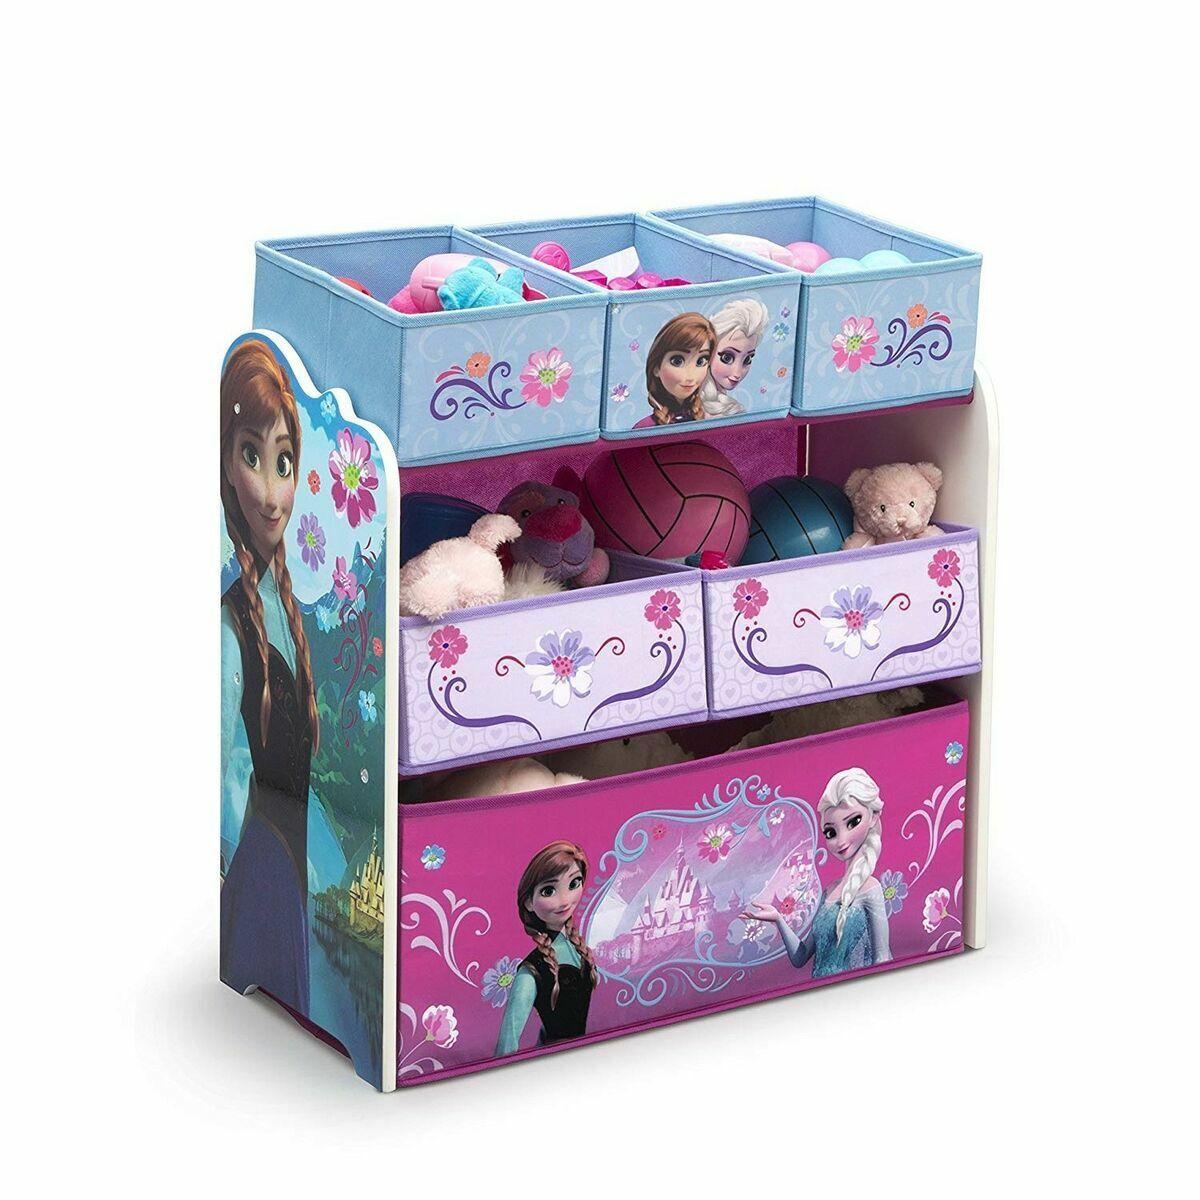 Girls Toy Box Frozen Elsa Organizer Kids Bedroom Storage Bin